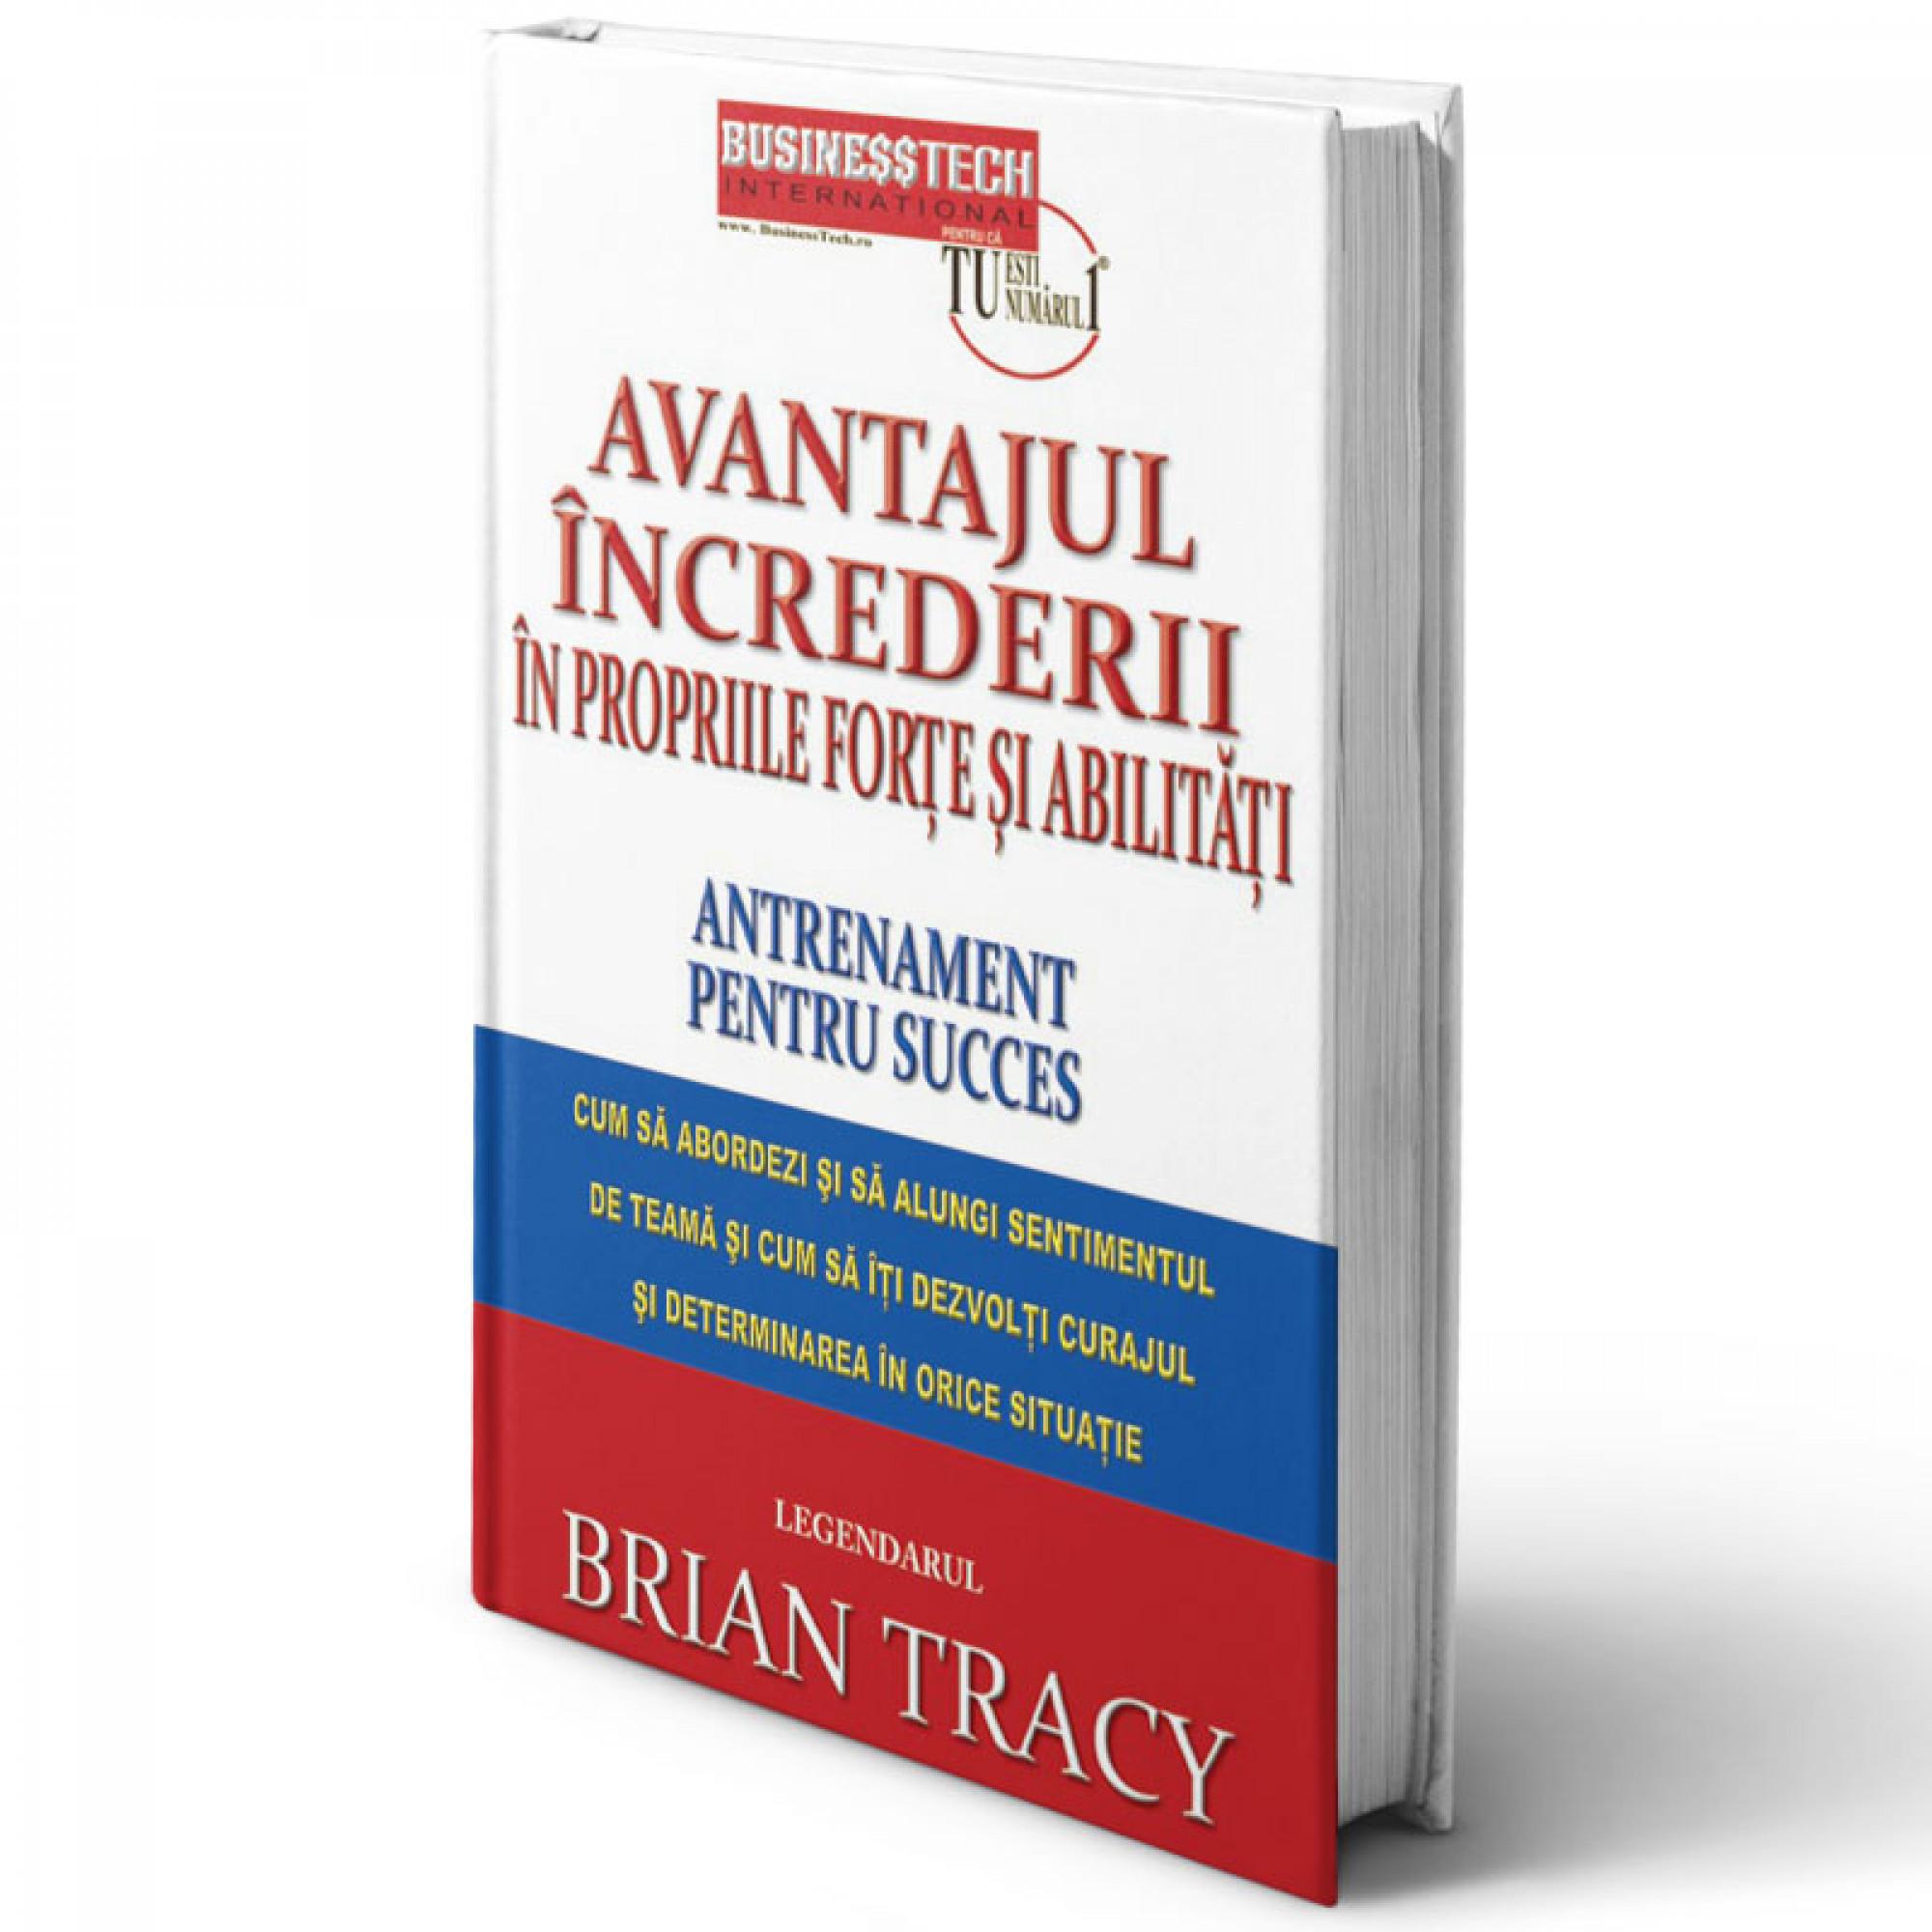 Avantajul încrederii în propriile forțe și abilități - Antrenament de succes